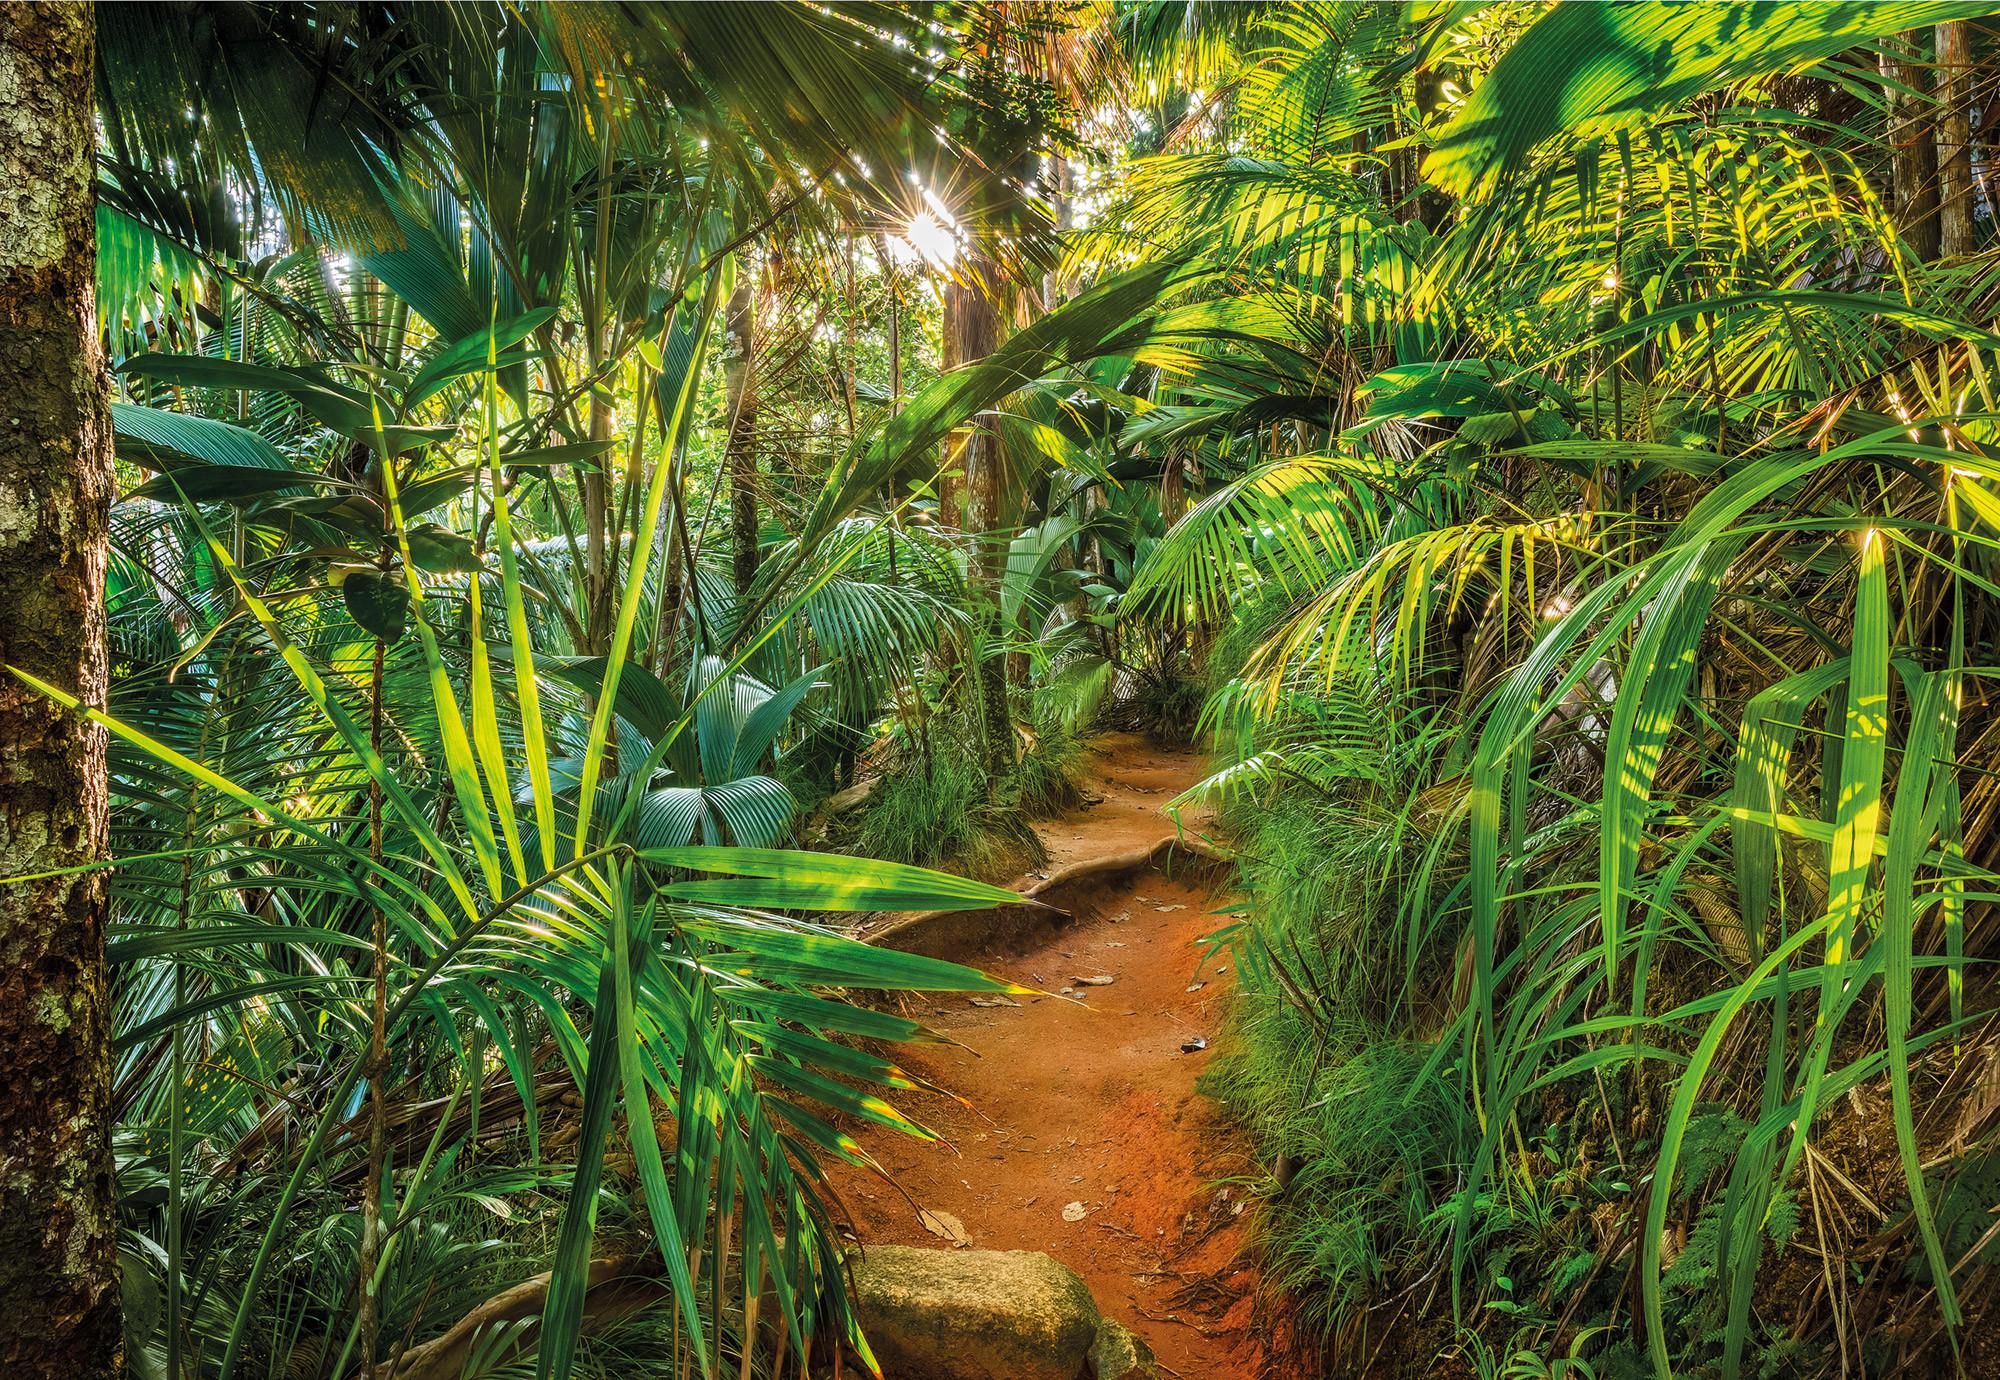 989 Jungle Trail Web Amazon Tapety Palmy